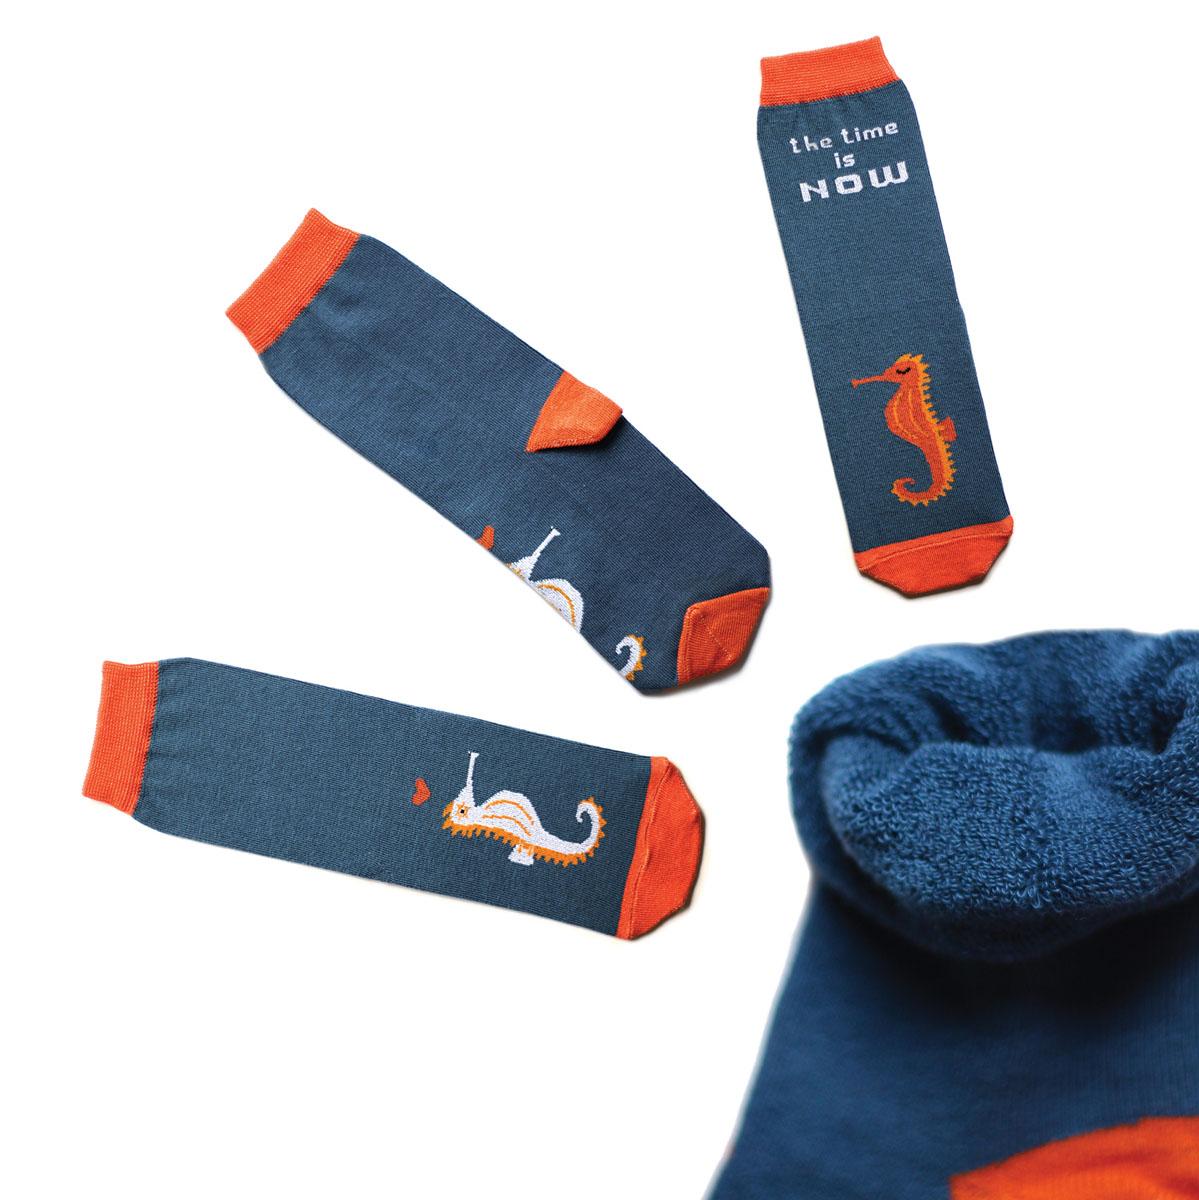 Носки мужские Big Bang Socks, махровые, цвет: синий, оранжевый. ca1933. Размер 40/44ca1933_махровыеТеплые мужские махровые носки Big Bang Socks изготовлены из высококачественного хлопка с добавлением полиамидных и эластановых волокон, которые обеспечивают великолепную посадку. Носки отличаются ярким стильным дизайном, они оформлены изображением морских коньков и надписью: The time is now. Удобная широкая резинка идеально облегает ногу и не пережимает сосуды, усиленные пятка и мысок повышают износоустойчивость носка, а удлиненный паголенок придает более эстетичный вид. Дизайнерские носки Big Bang Socks - яркая деталь в вашем образе и оригинальный подарок для друзей и близких.